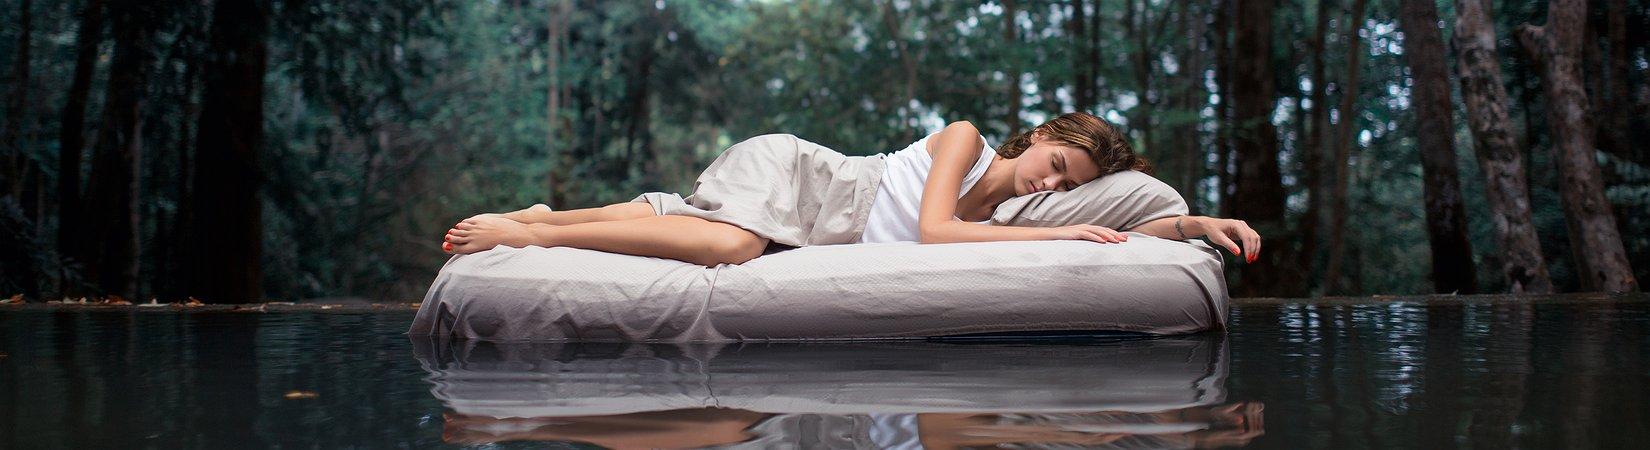 Duerme y hazte rico: Razones por las que no es necesario levantarse a las 5 de la mañana para tener éxito